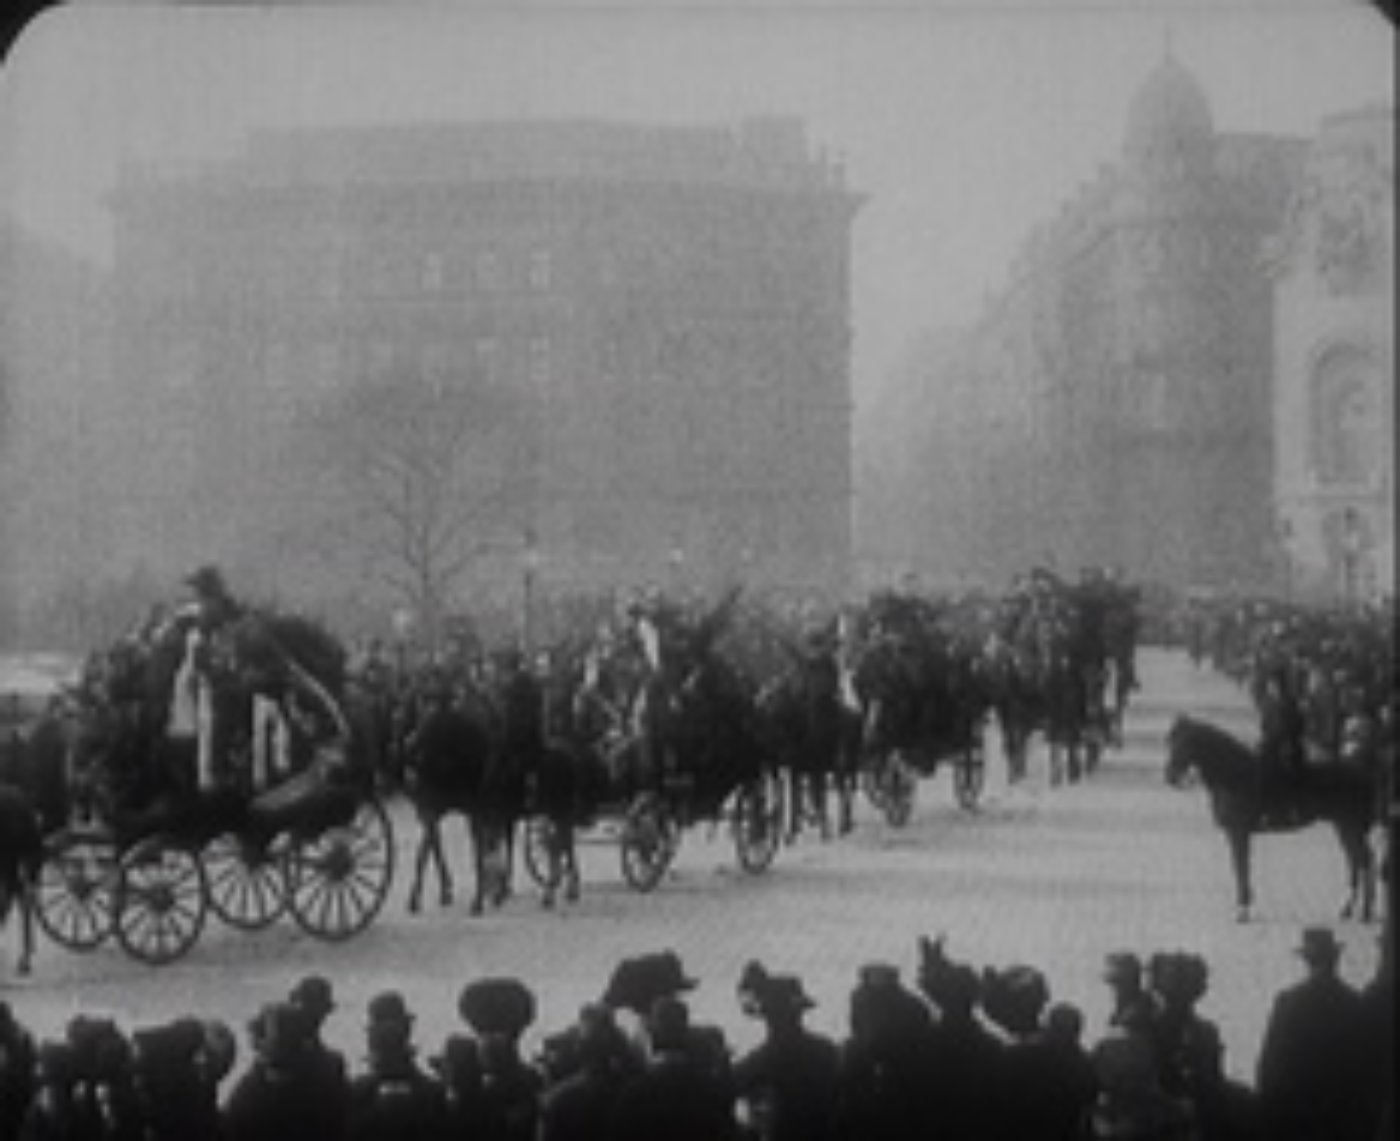 leichenbegängnis-albert-baron-rothschild-1911-recensione